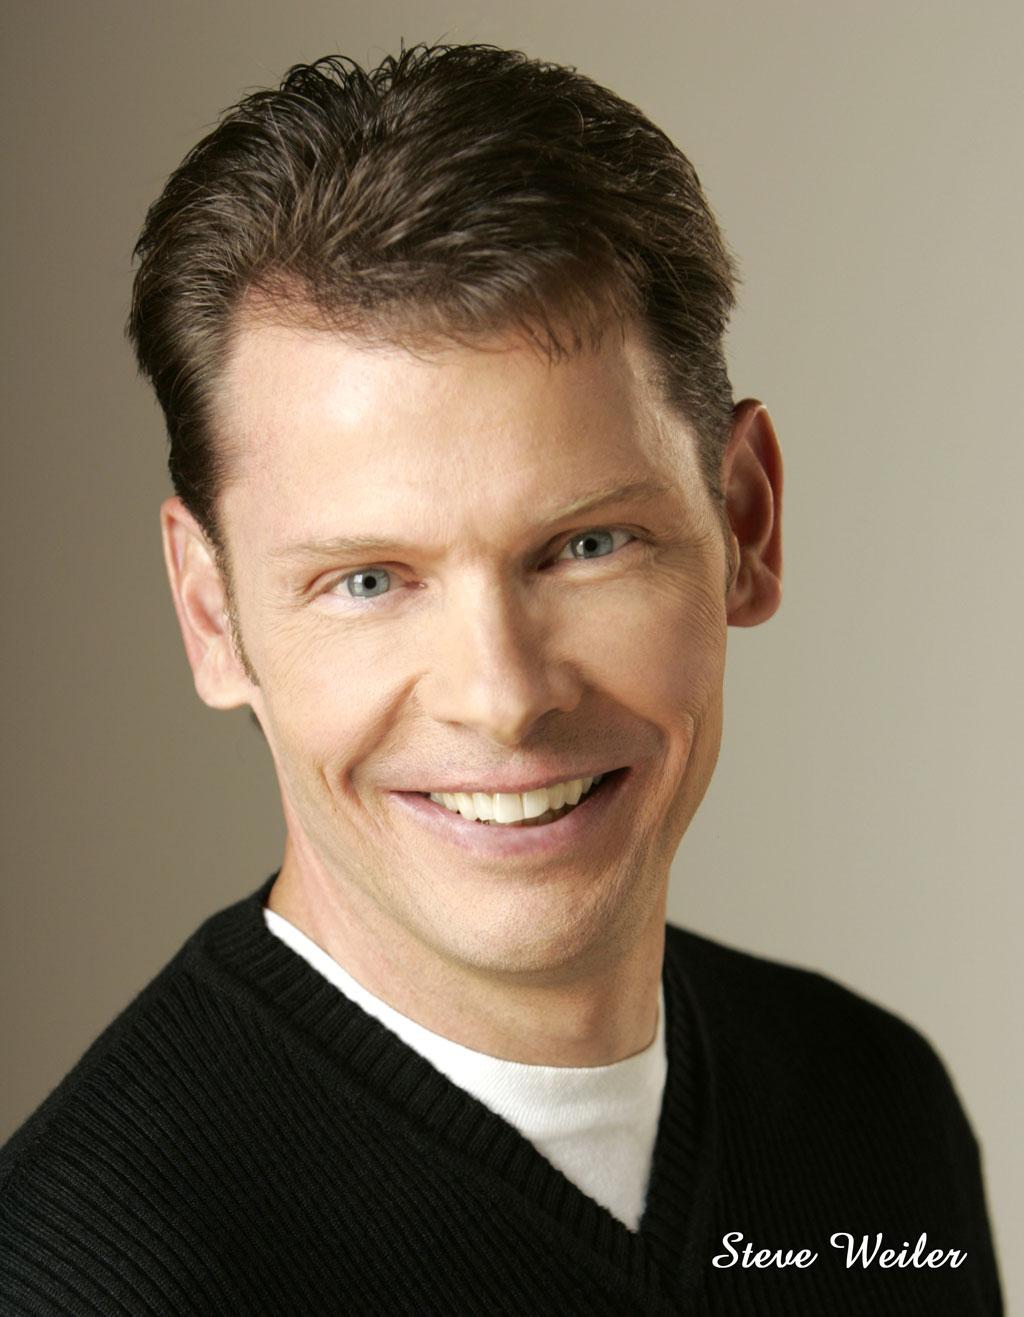 Steve Weiler